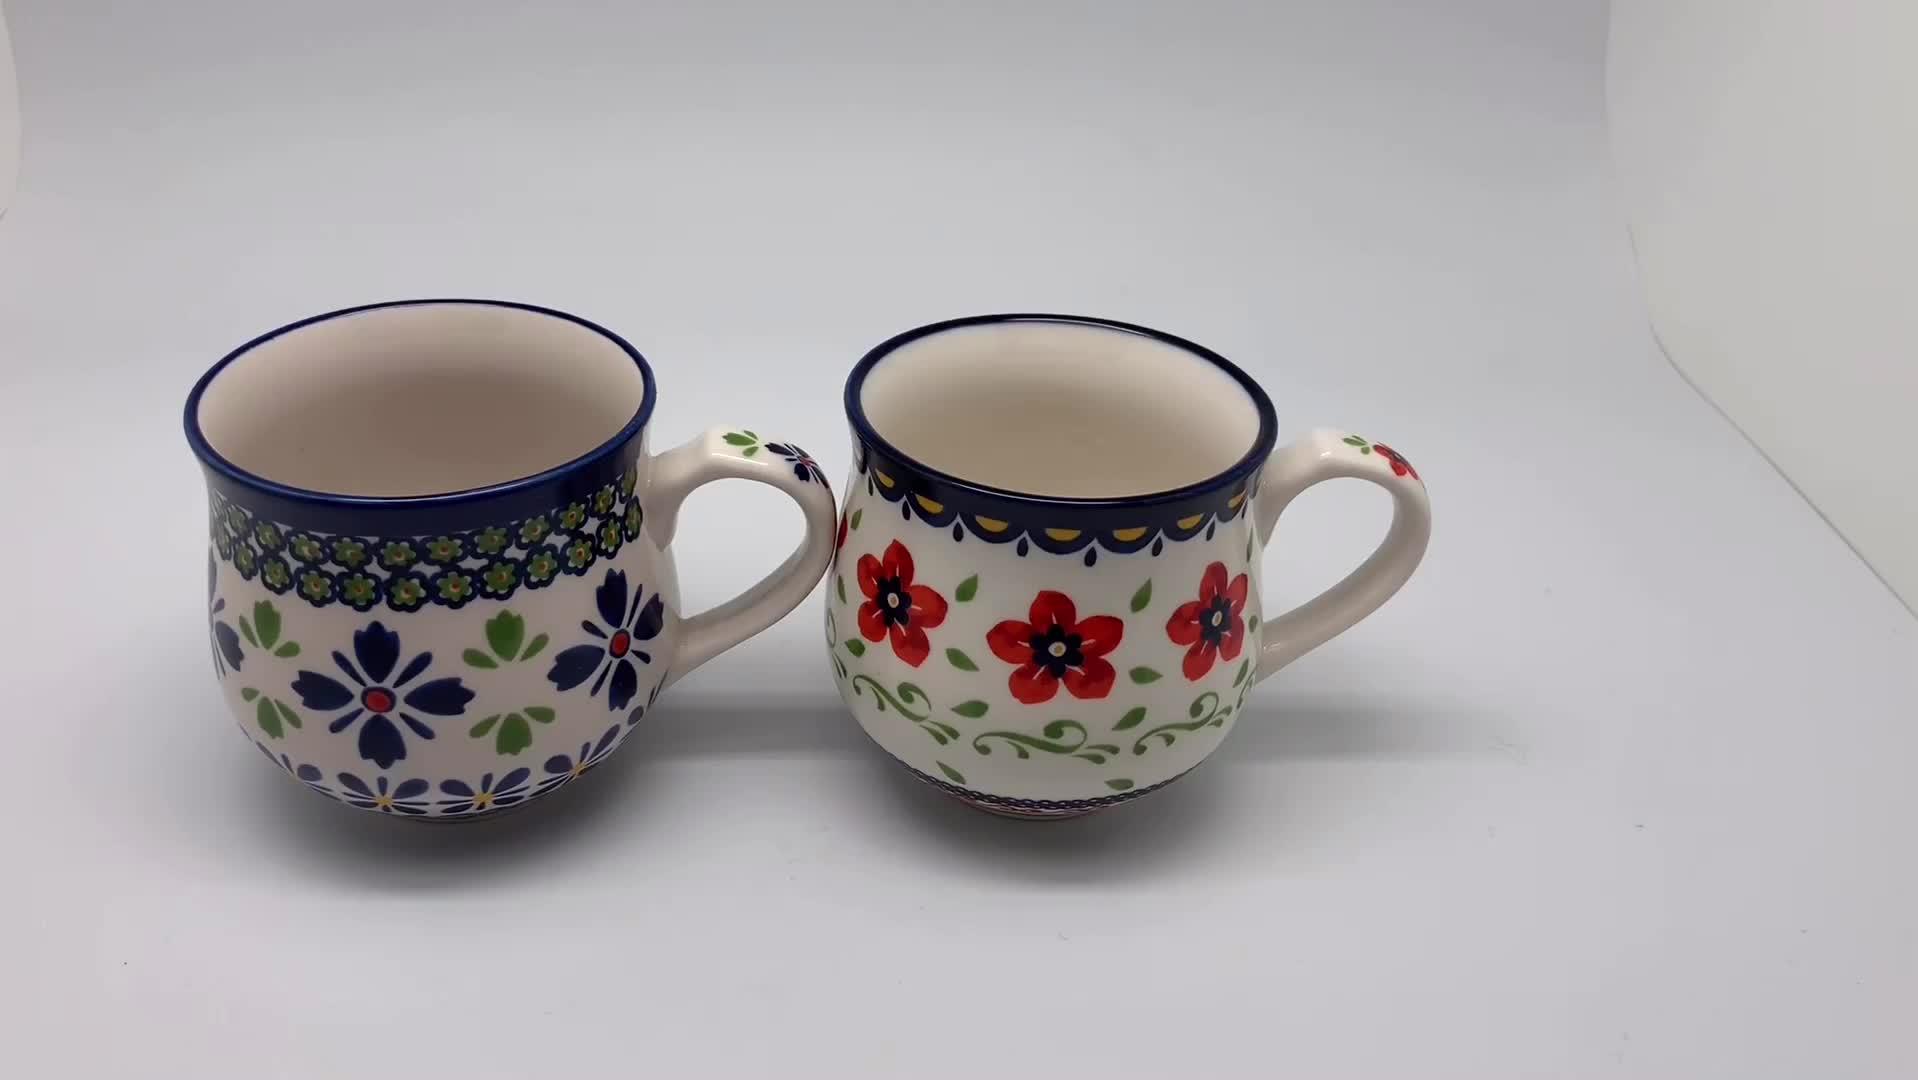 12,5 Unzen Porzellan Big Tassen Kaffee Tassen Mit Gedruckt Logo Kaffee Becher Keramik Kaffeetasse Mit Griff